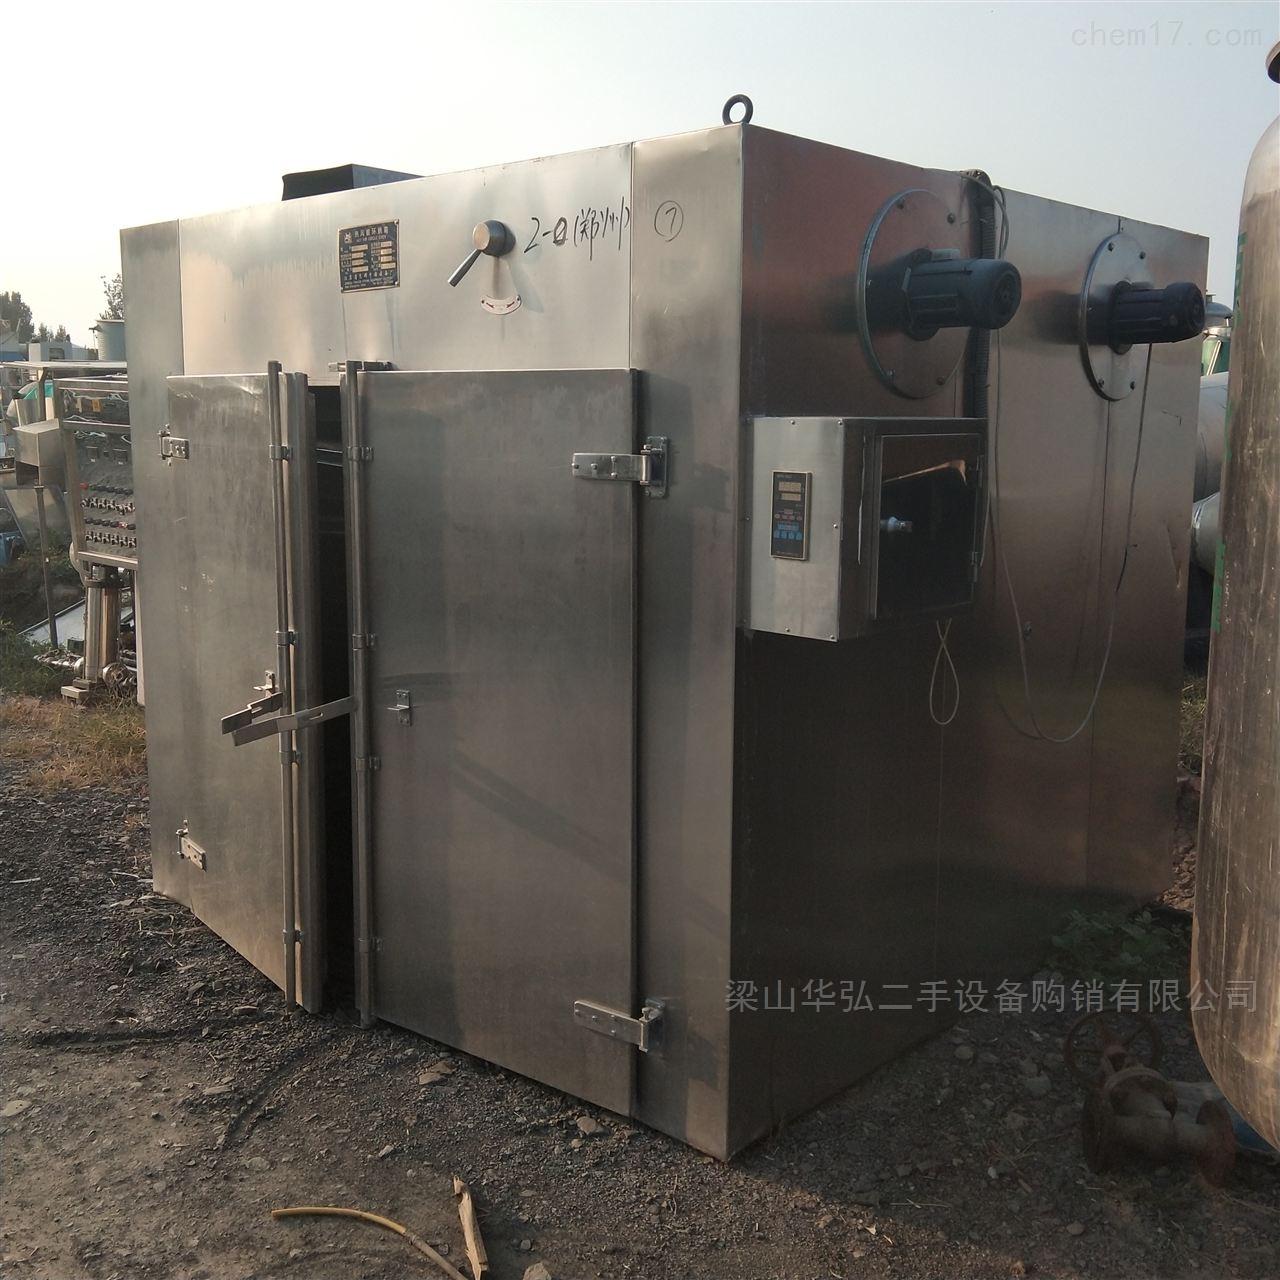 大量回收24盘电加热烘箱